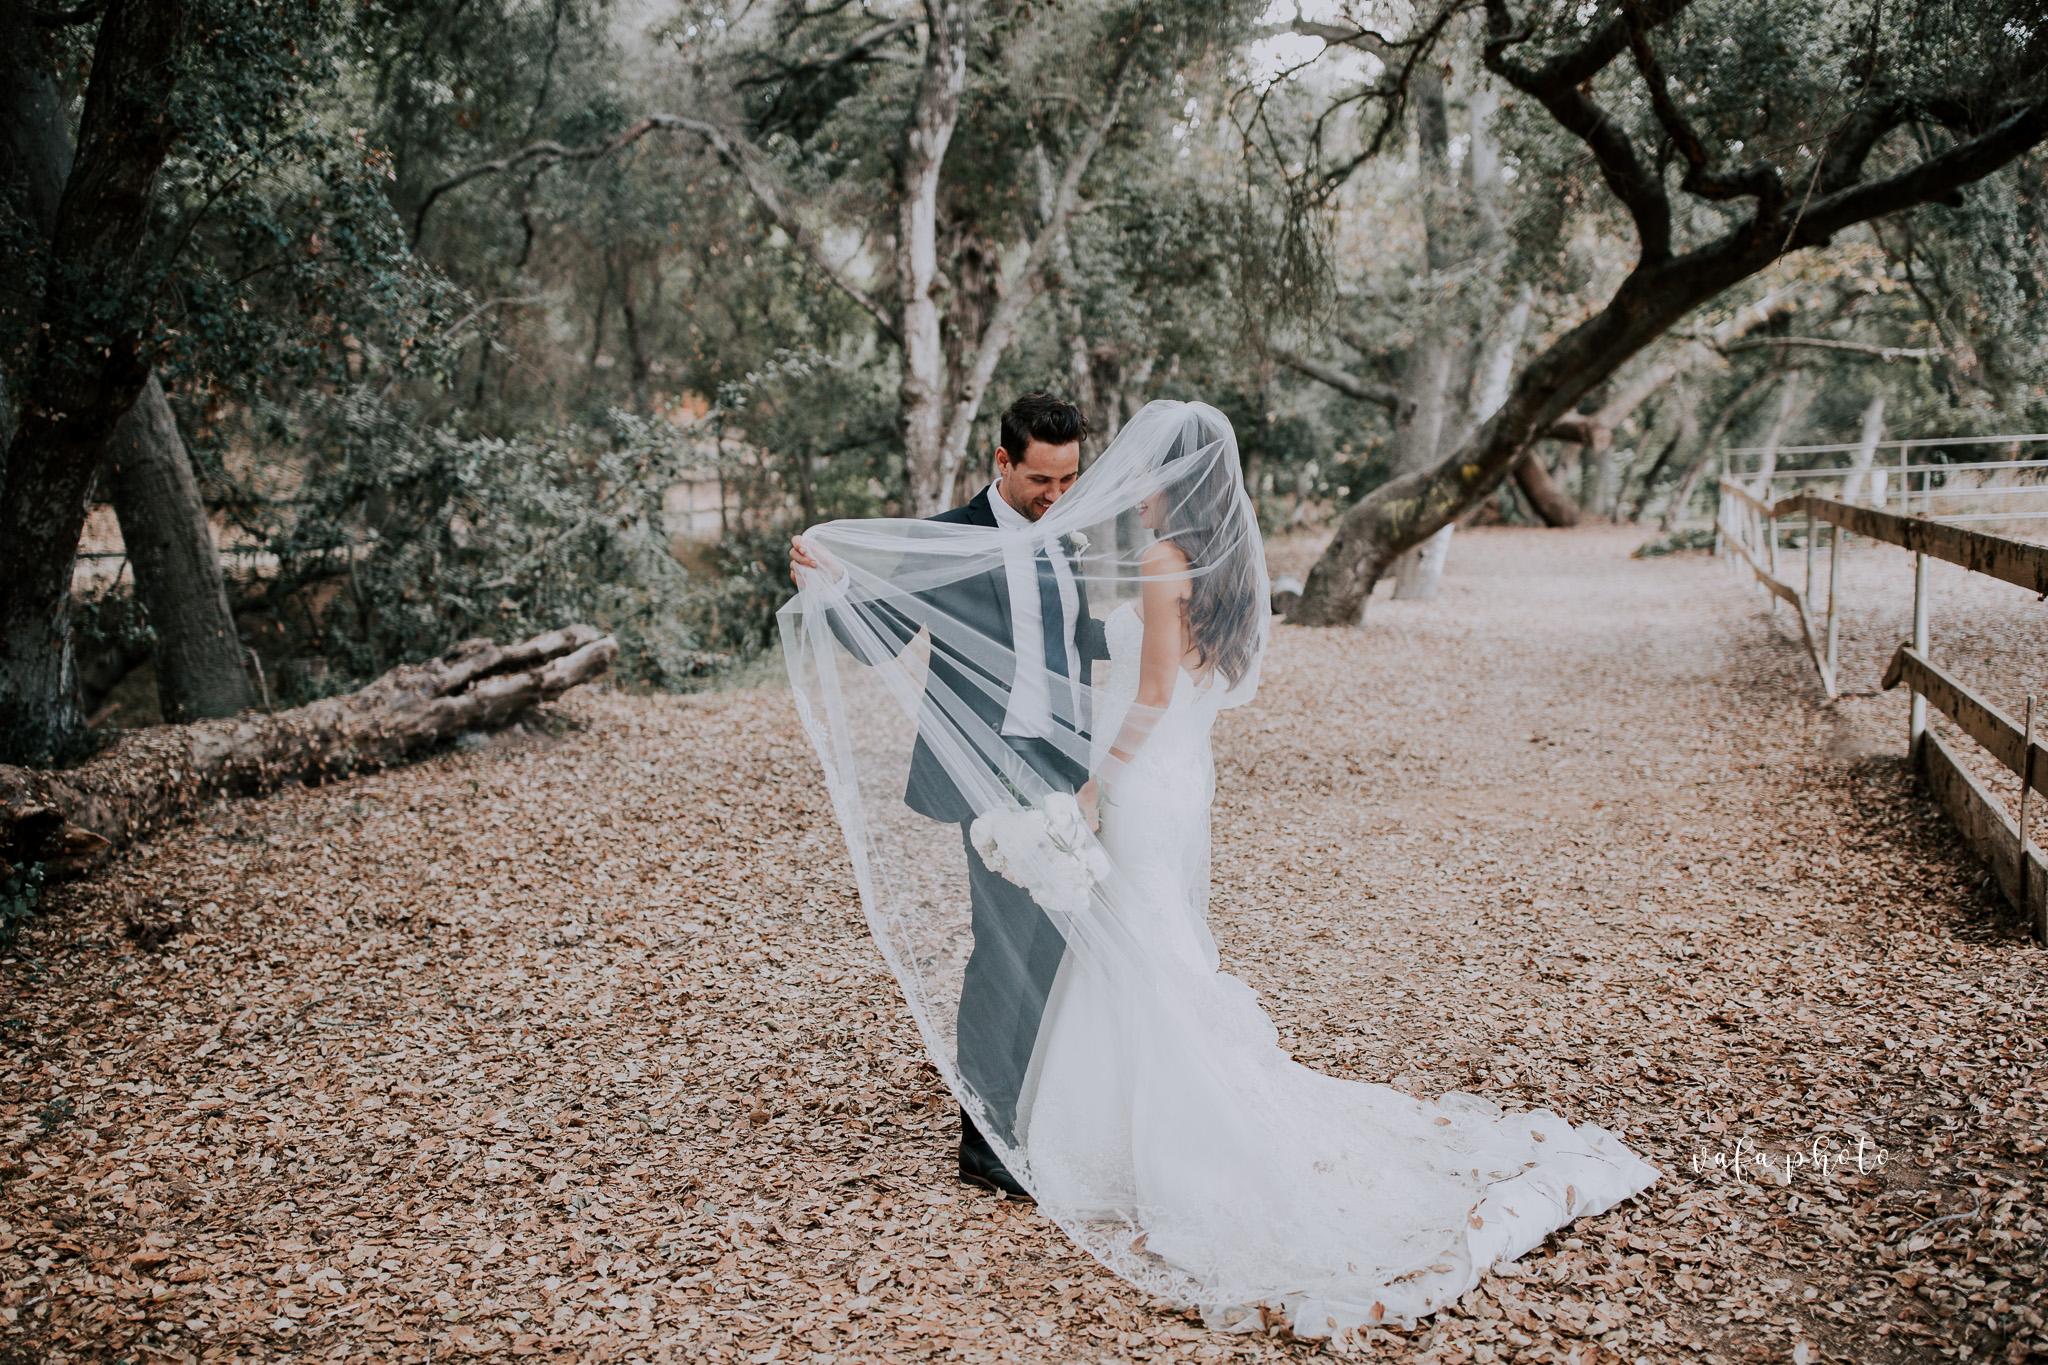 Southern-California-Wedding-Britt-Nilsson-Jeremy-Byrne-Vafa-Photo-570.jpg